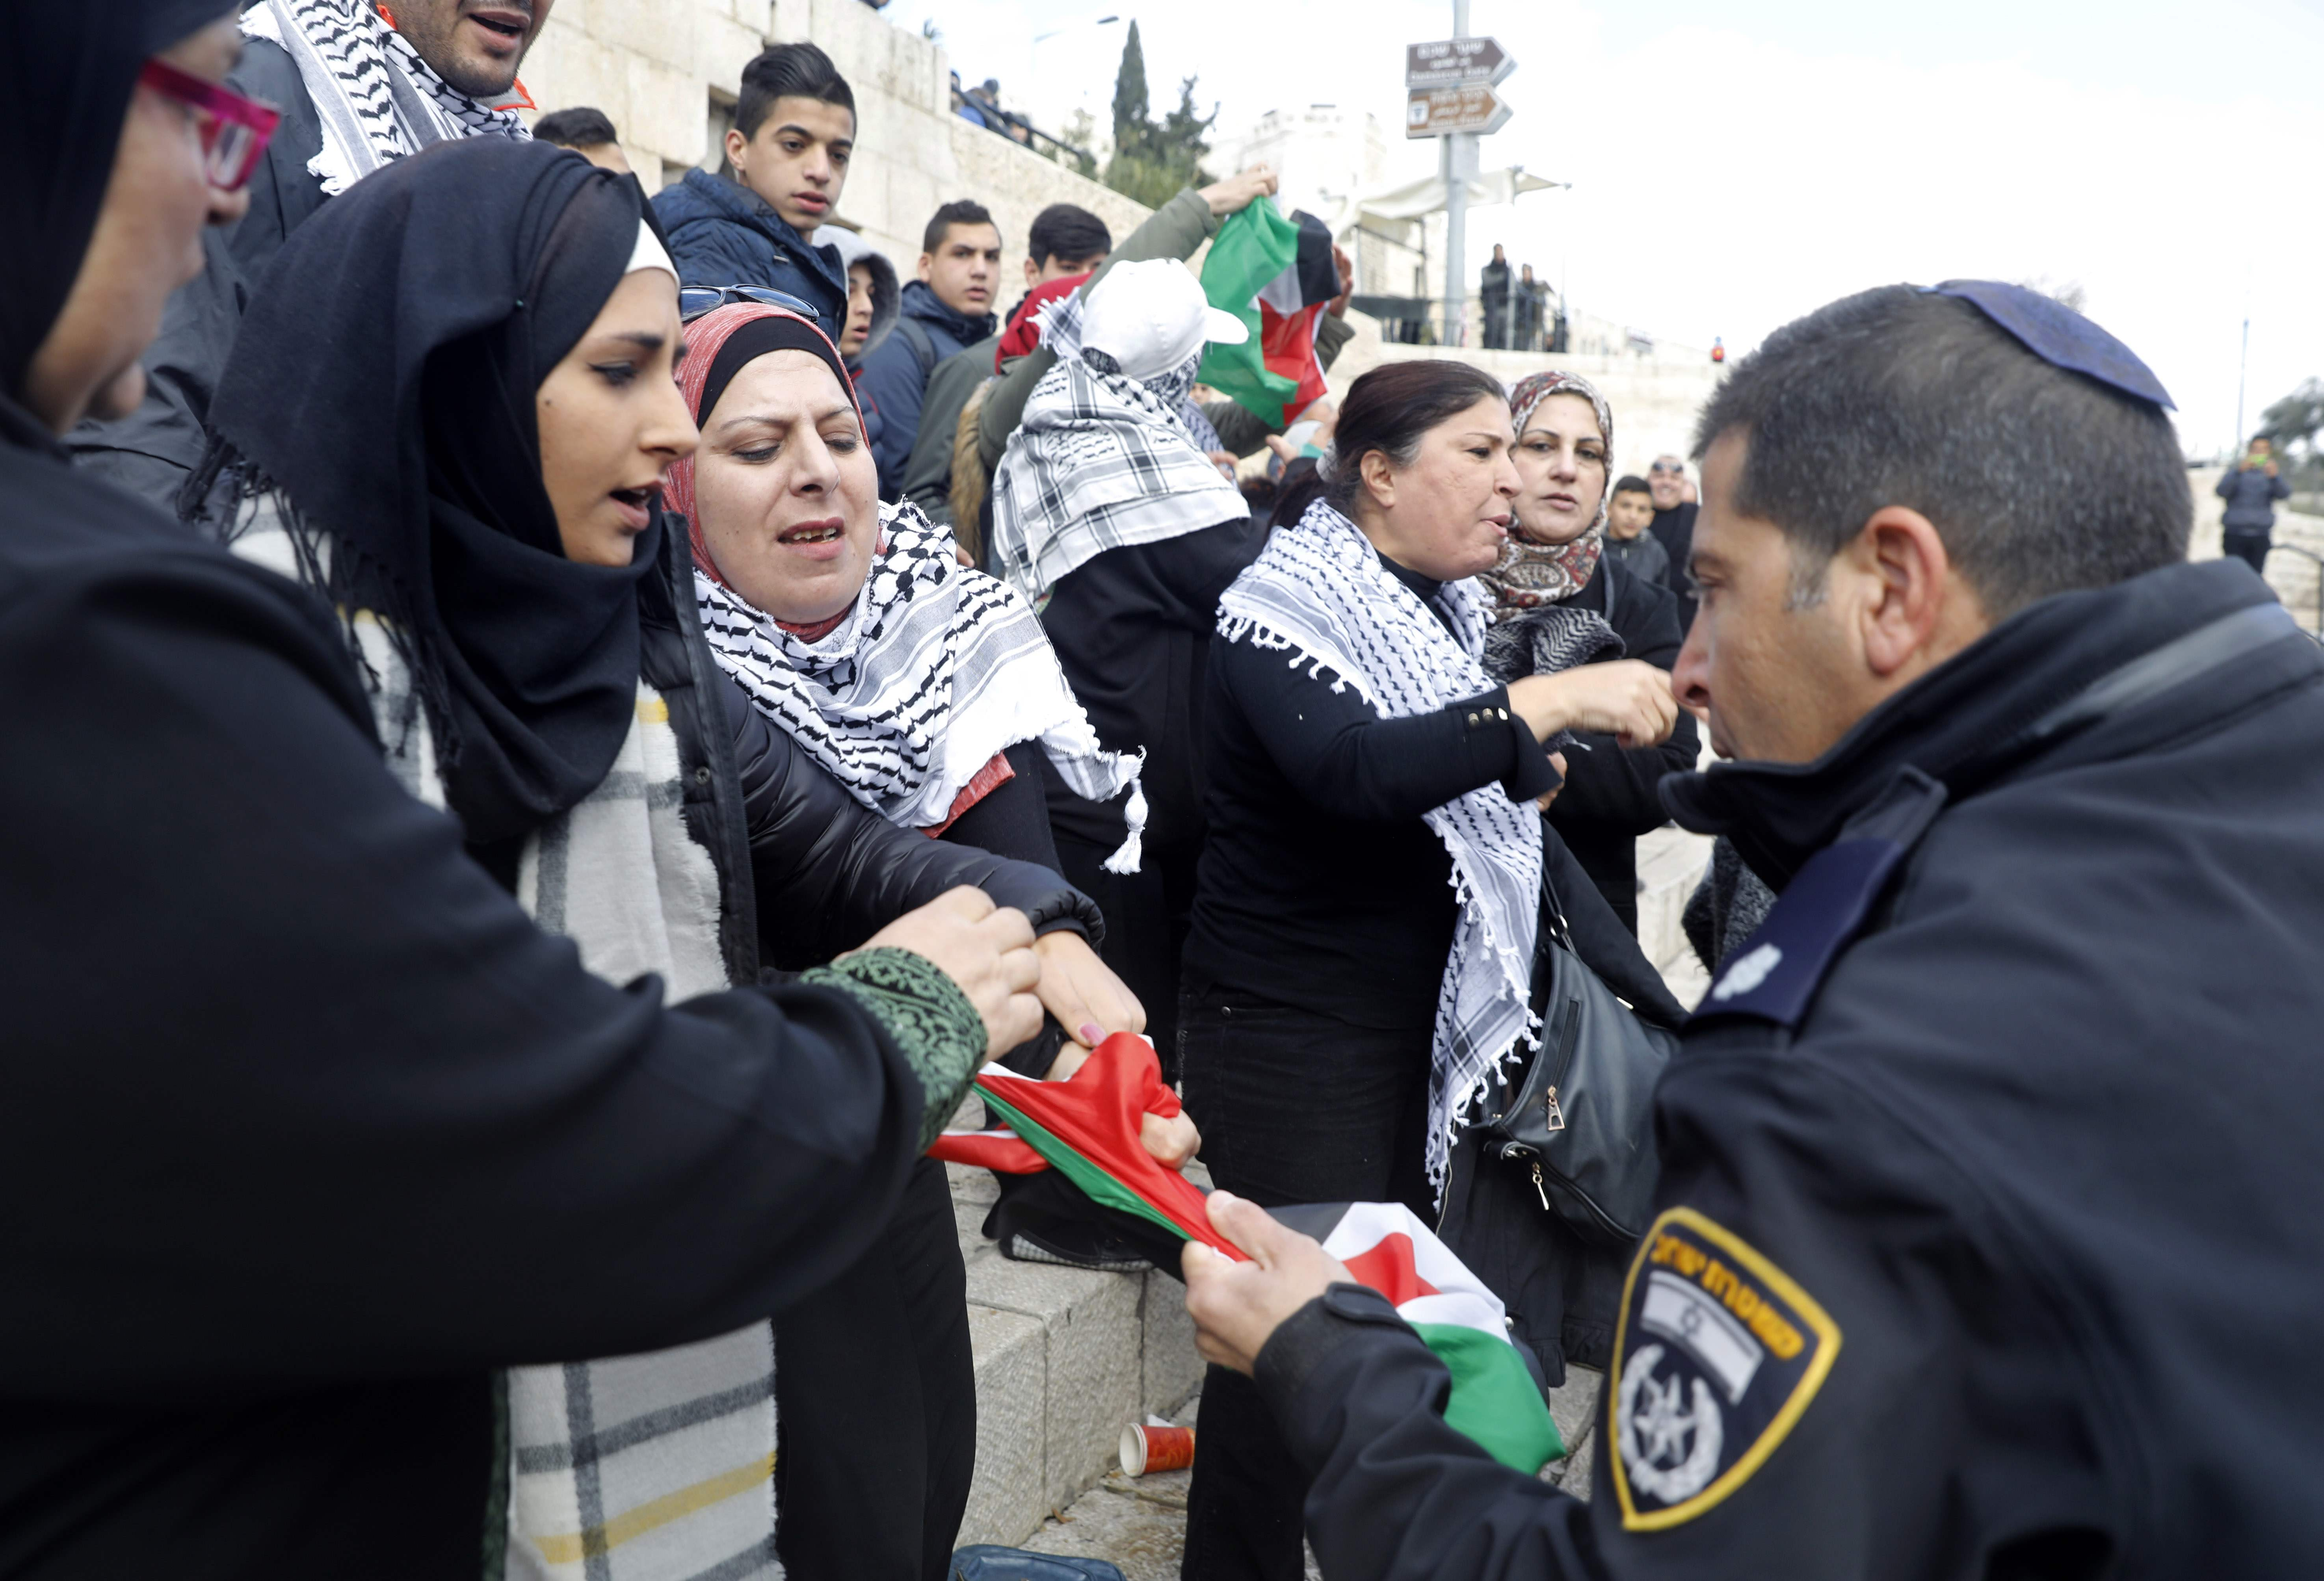 أحد جنود الاحتلال يحاول الاستيلاء من سيدة فلسطينية على العلم الفلسطينى